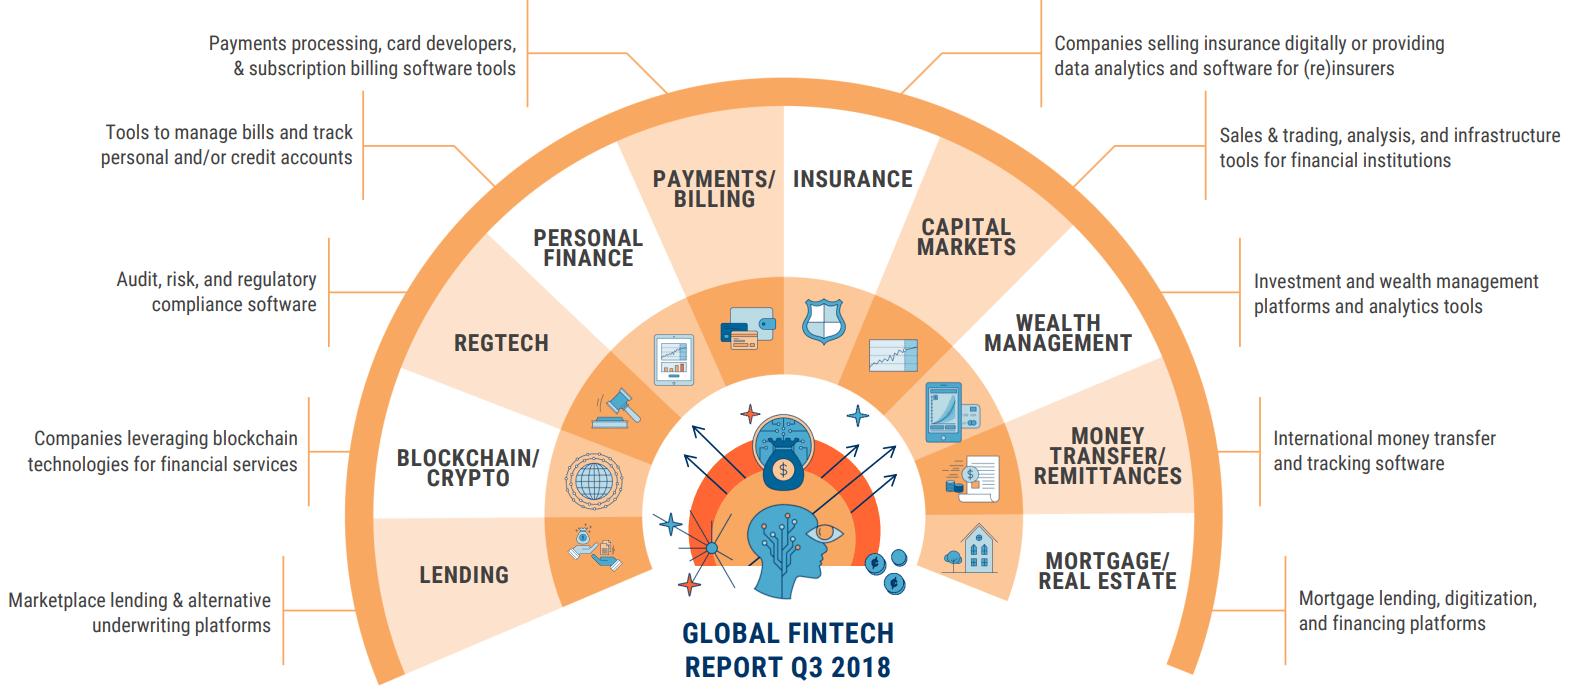 Global fintech report Q3, 2018